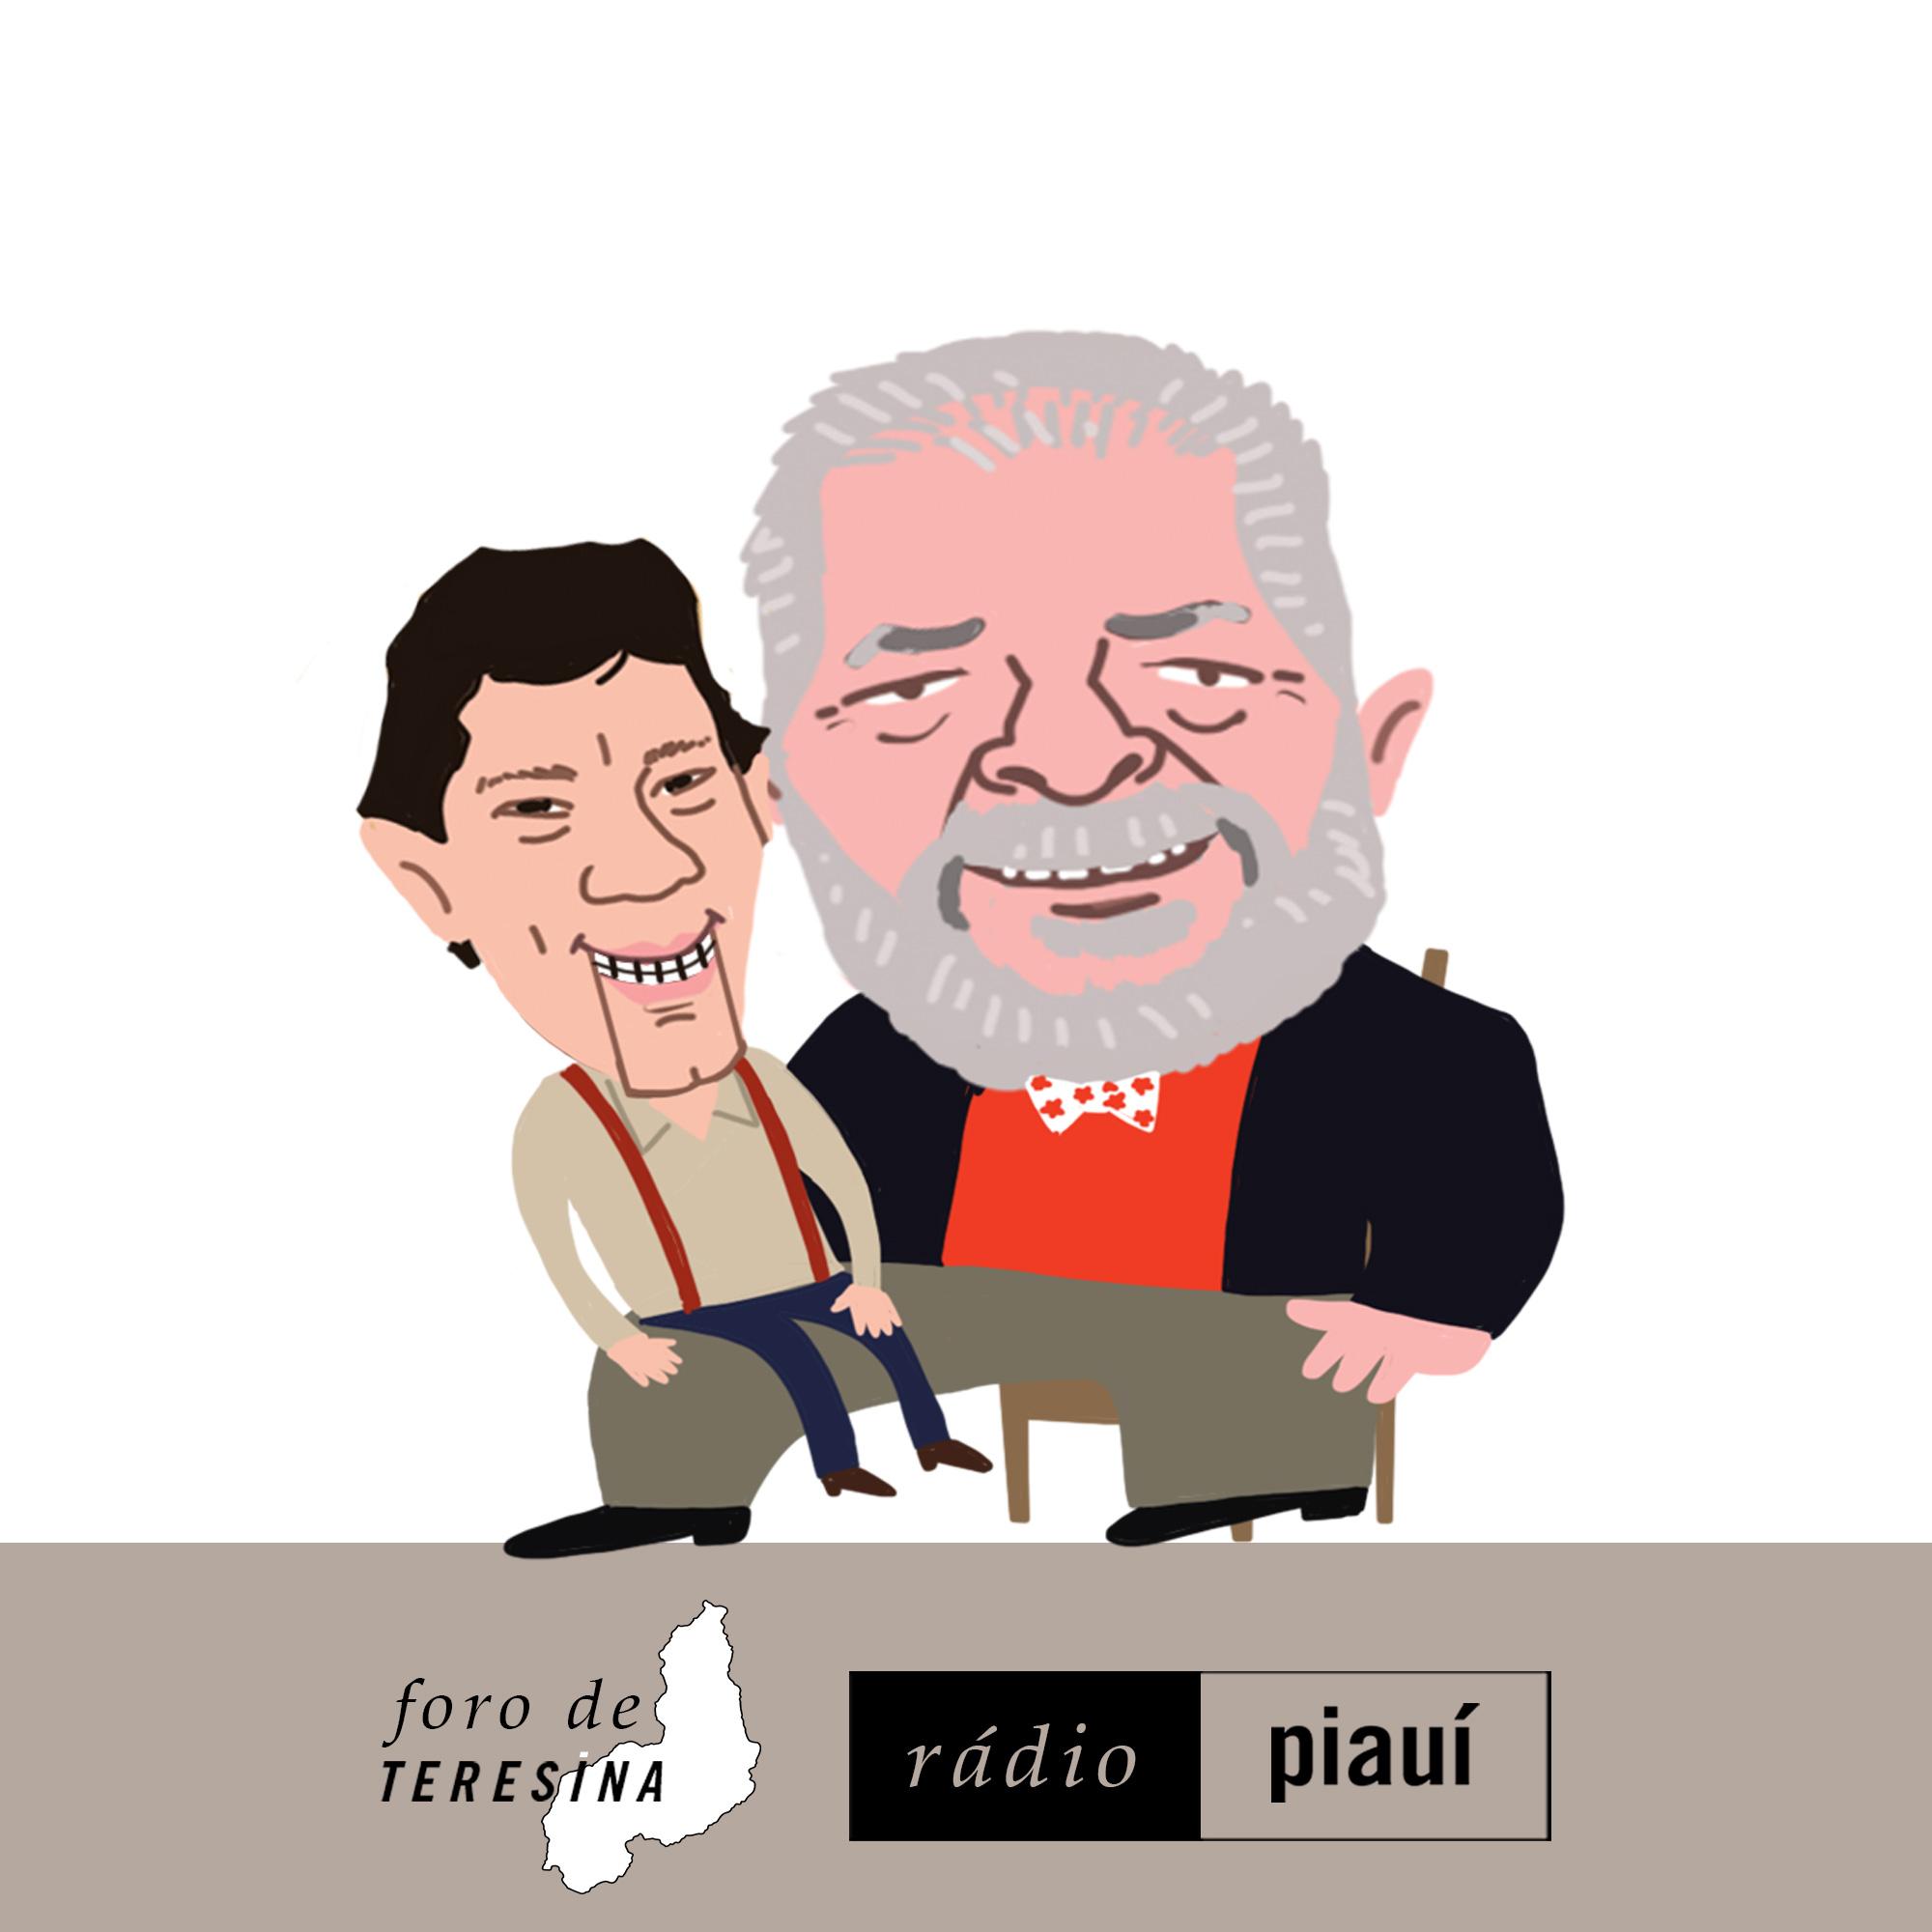 #14: O ventríloquo de Haddad, a sucessão no Rio e o primeiro-ministro de Bolsonaro